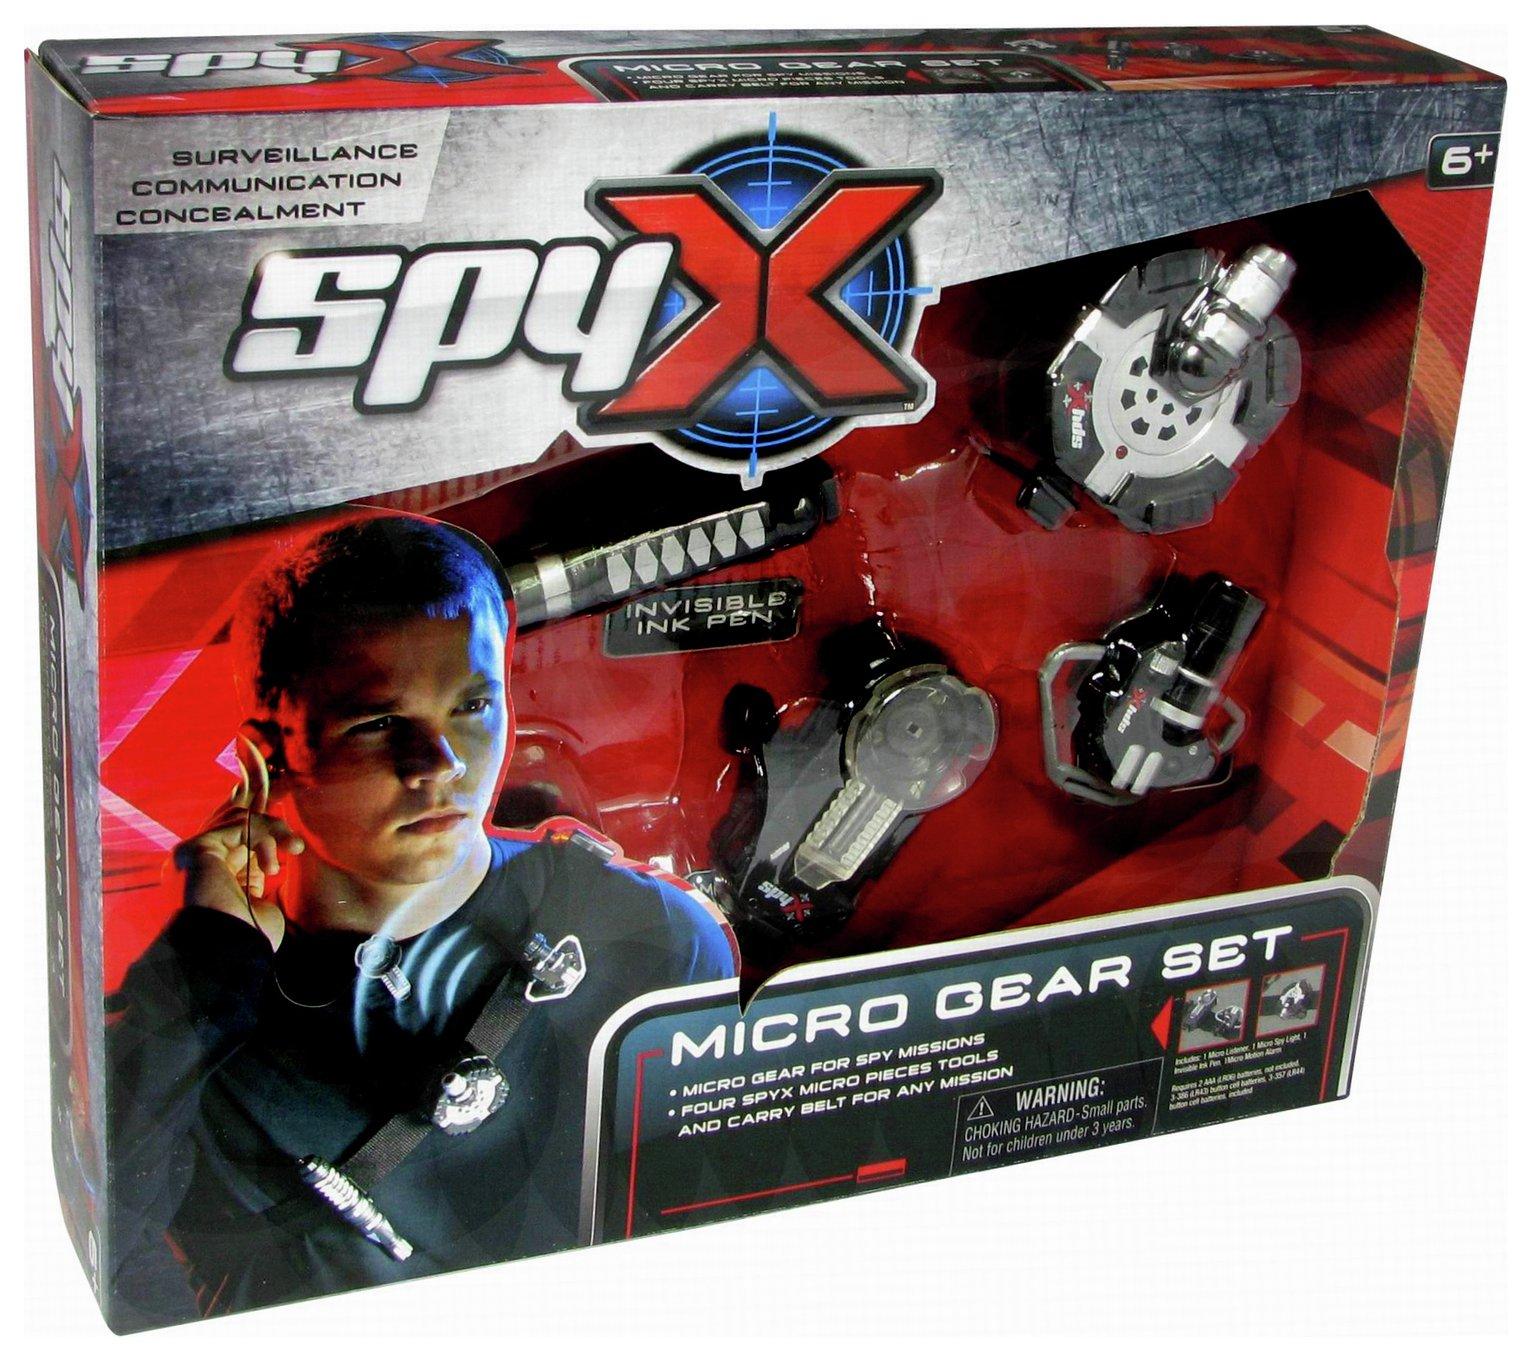 Spy X Micro Spy Gear Set